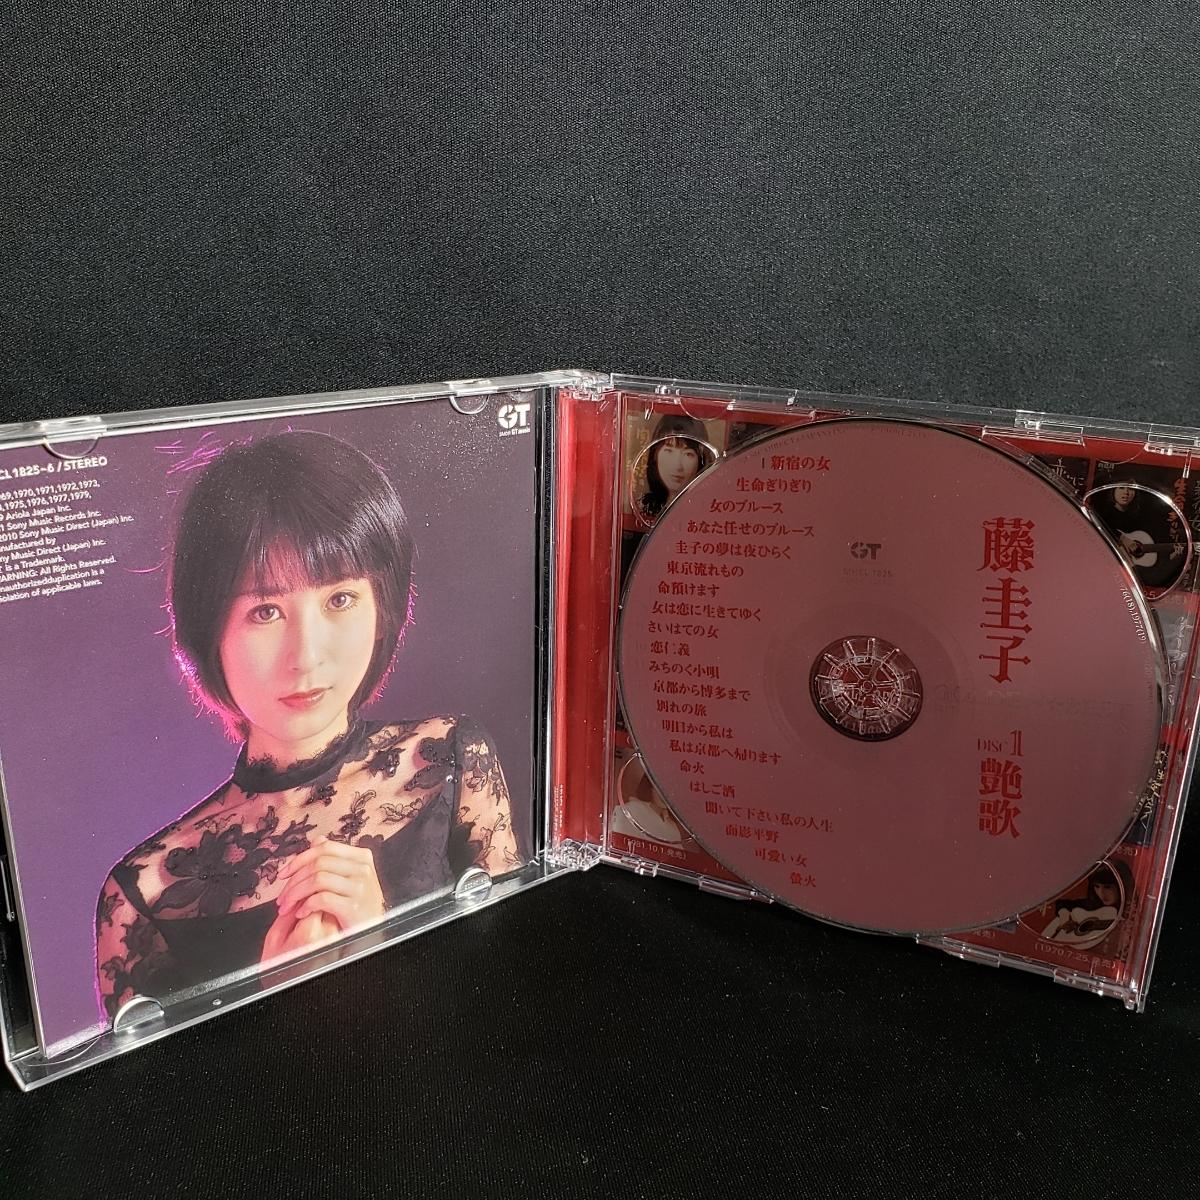 美品 藤圭子 艶歌と縁歌 ゴールデン ベスト ヒット&カバー コレクション CD2枚組 全42曲_画像3